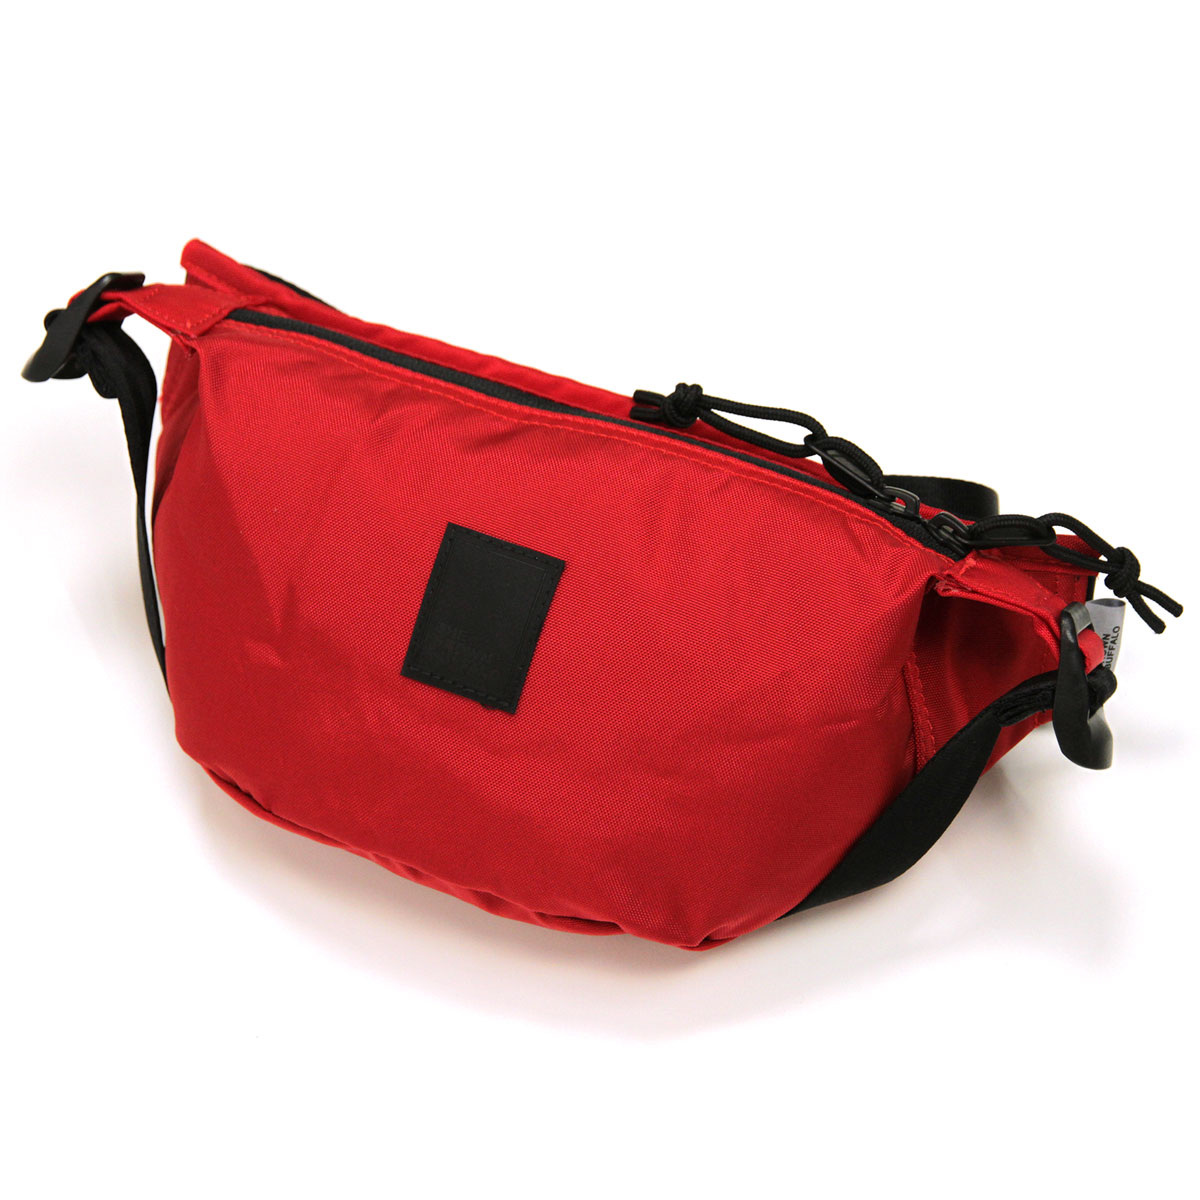 ザ ブラウン バッファロー バッグ メンズ レディース 正規販売店 THE BROWN BUFFALO ショルダーバッグ ボディバッグ SUPPLYSLING RED F18SS420DRED3 AA7B B3C C8D D4E E11F